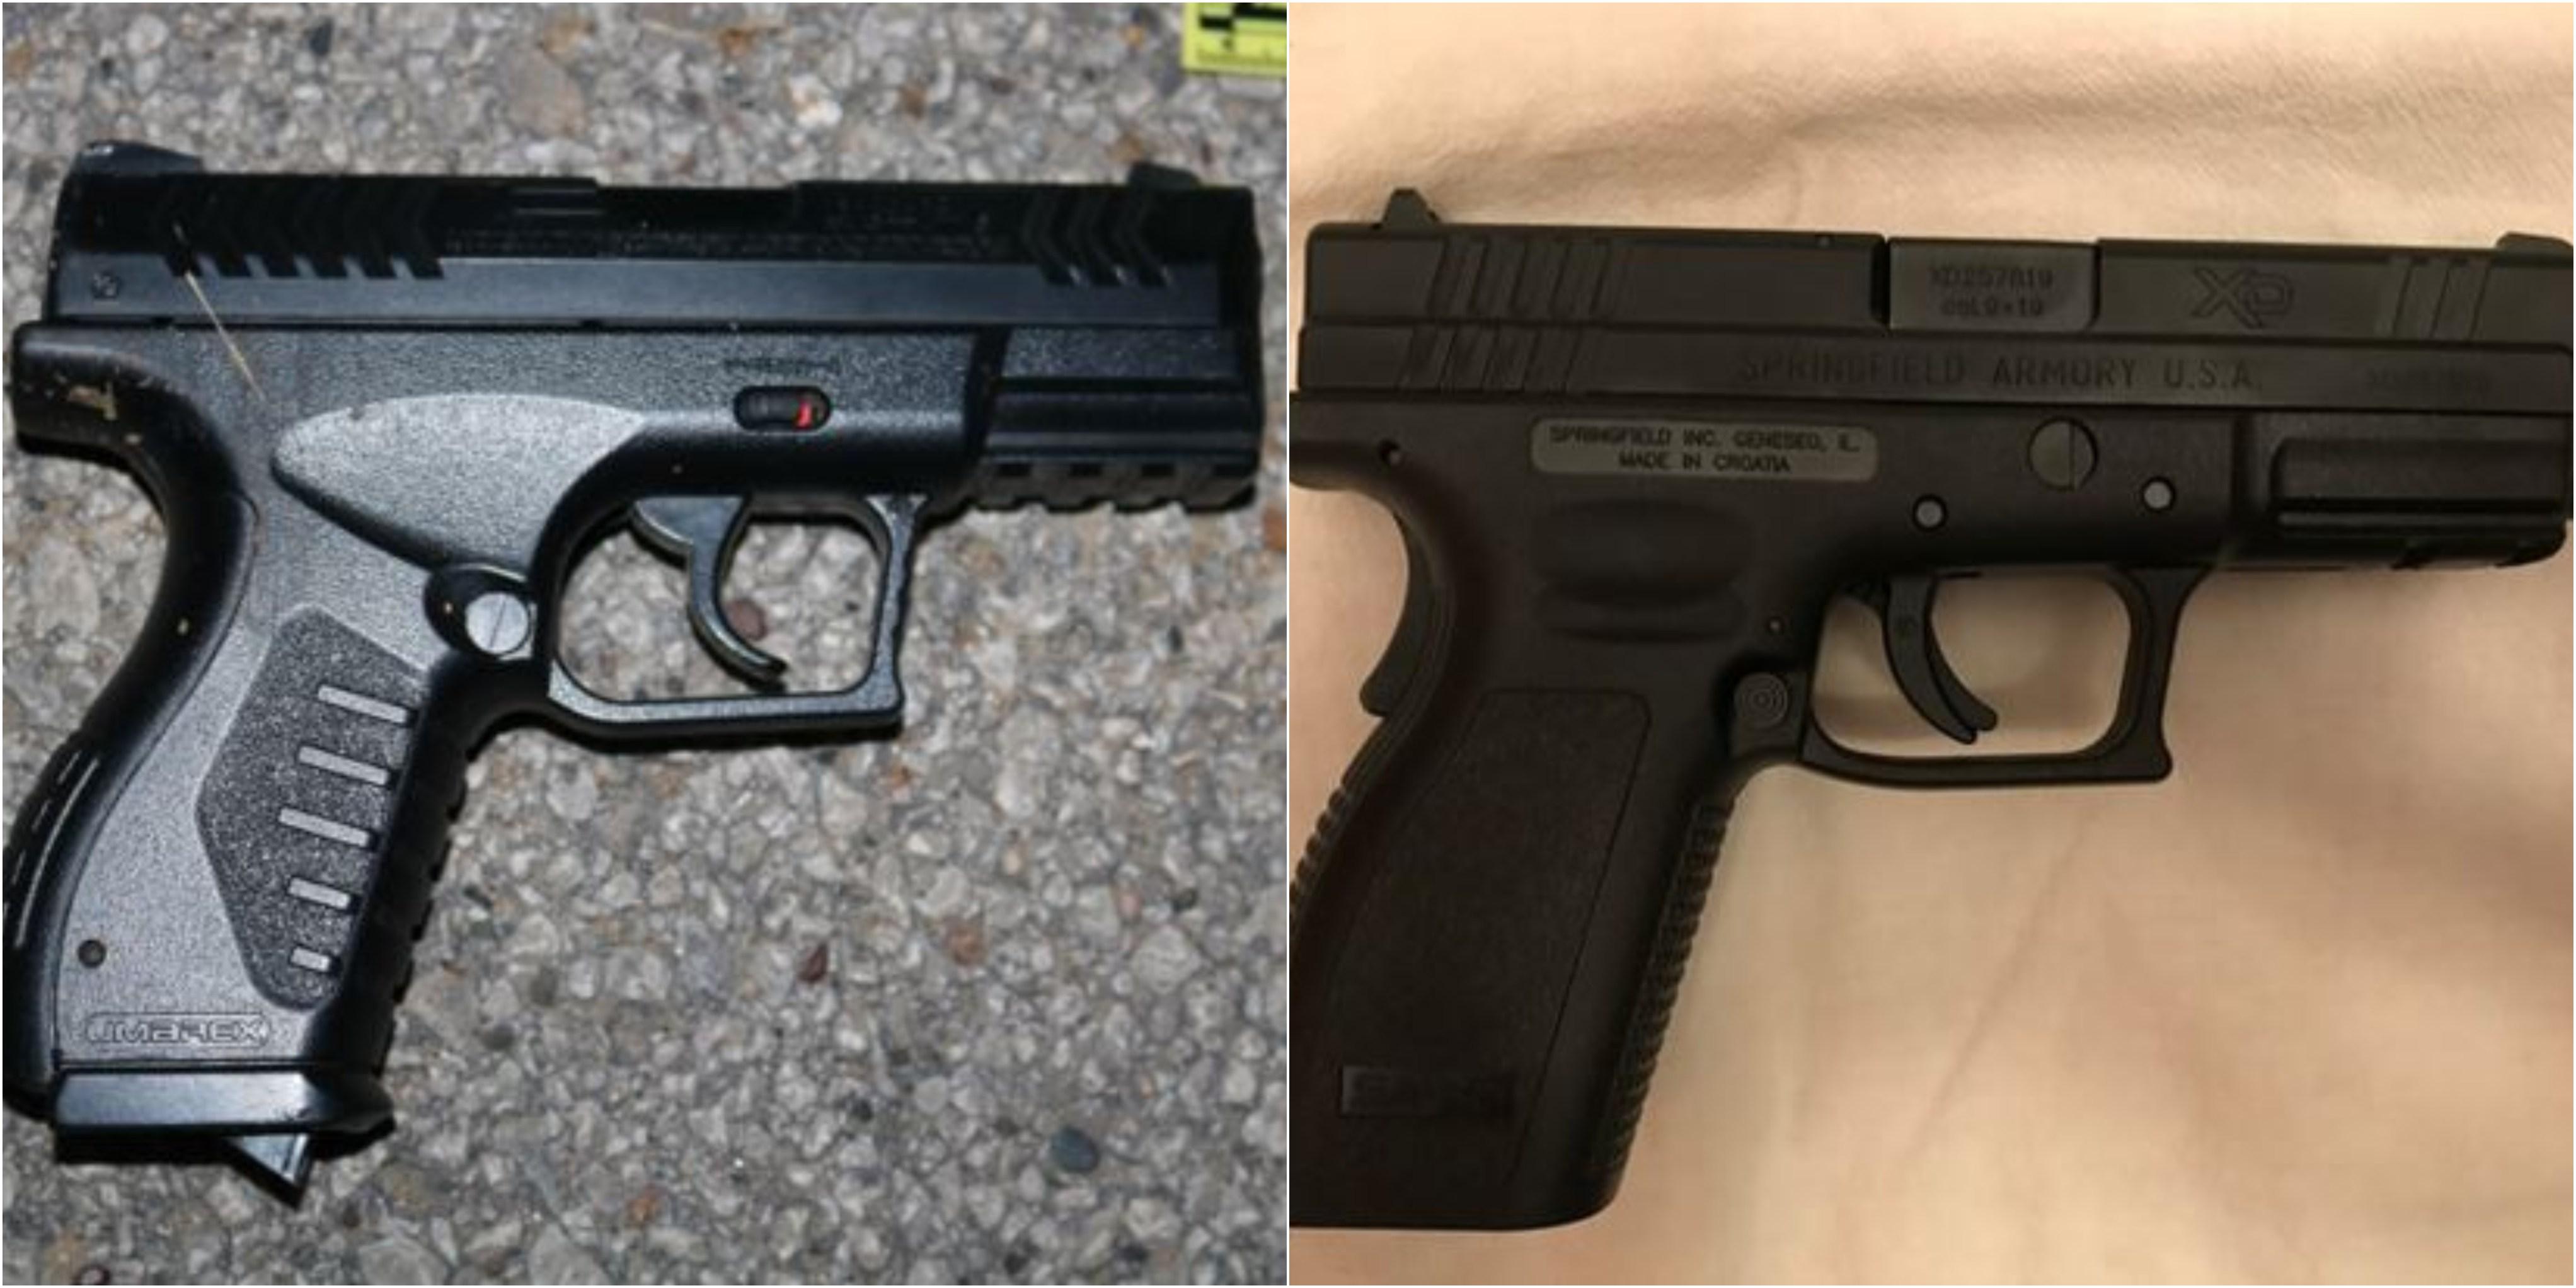 Pellet gun (left) Real gun (right)